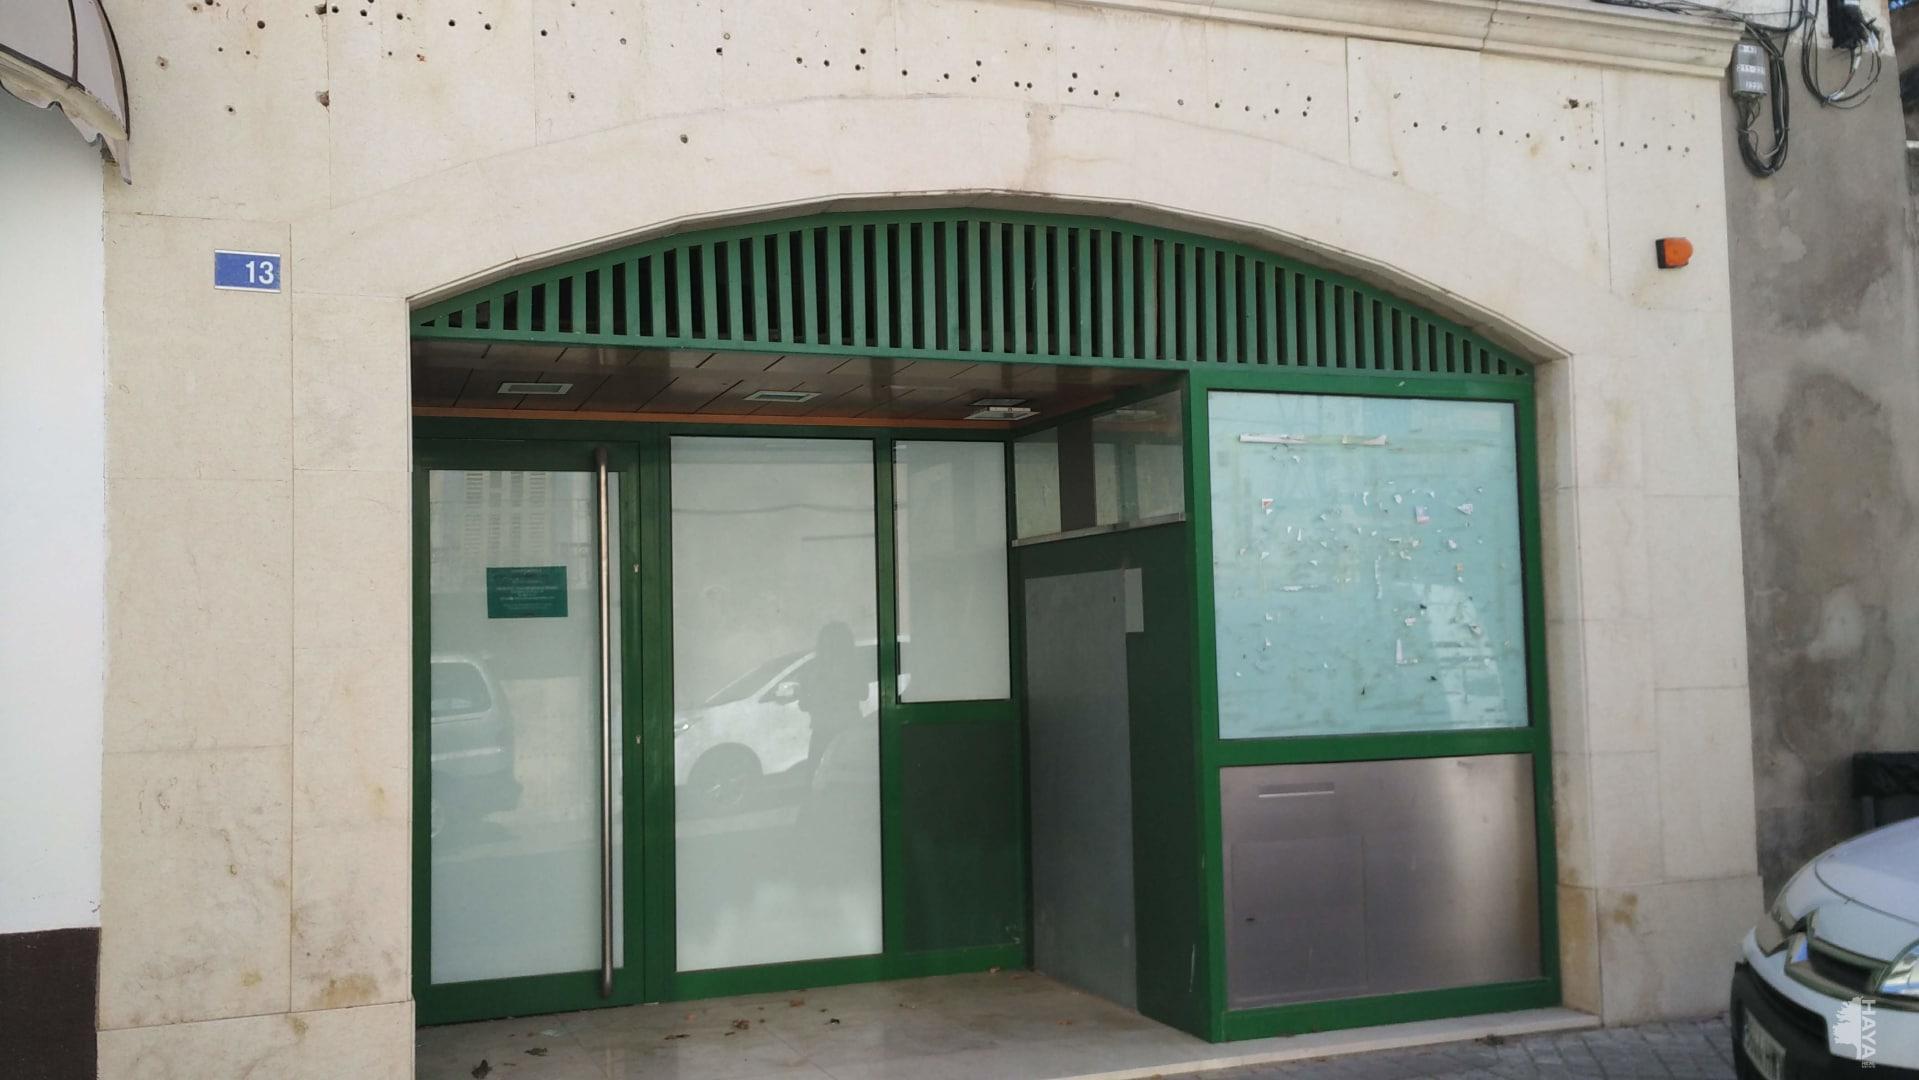 Local en venta en Santa Margarida de Montbui, Barcelona, Calle Major, 40.950 €, 167 m2